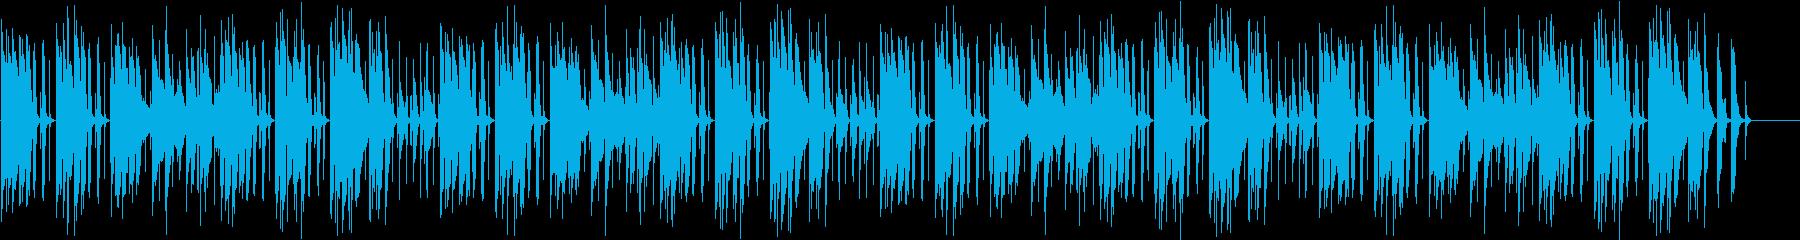 コミカルで気の抜ける曲の再生済みの波形